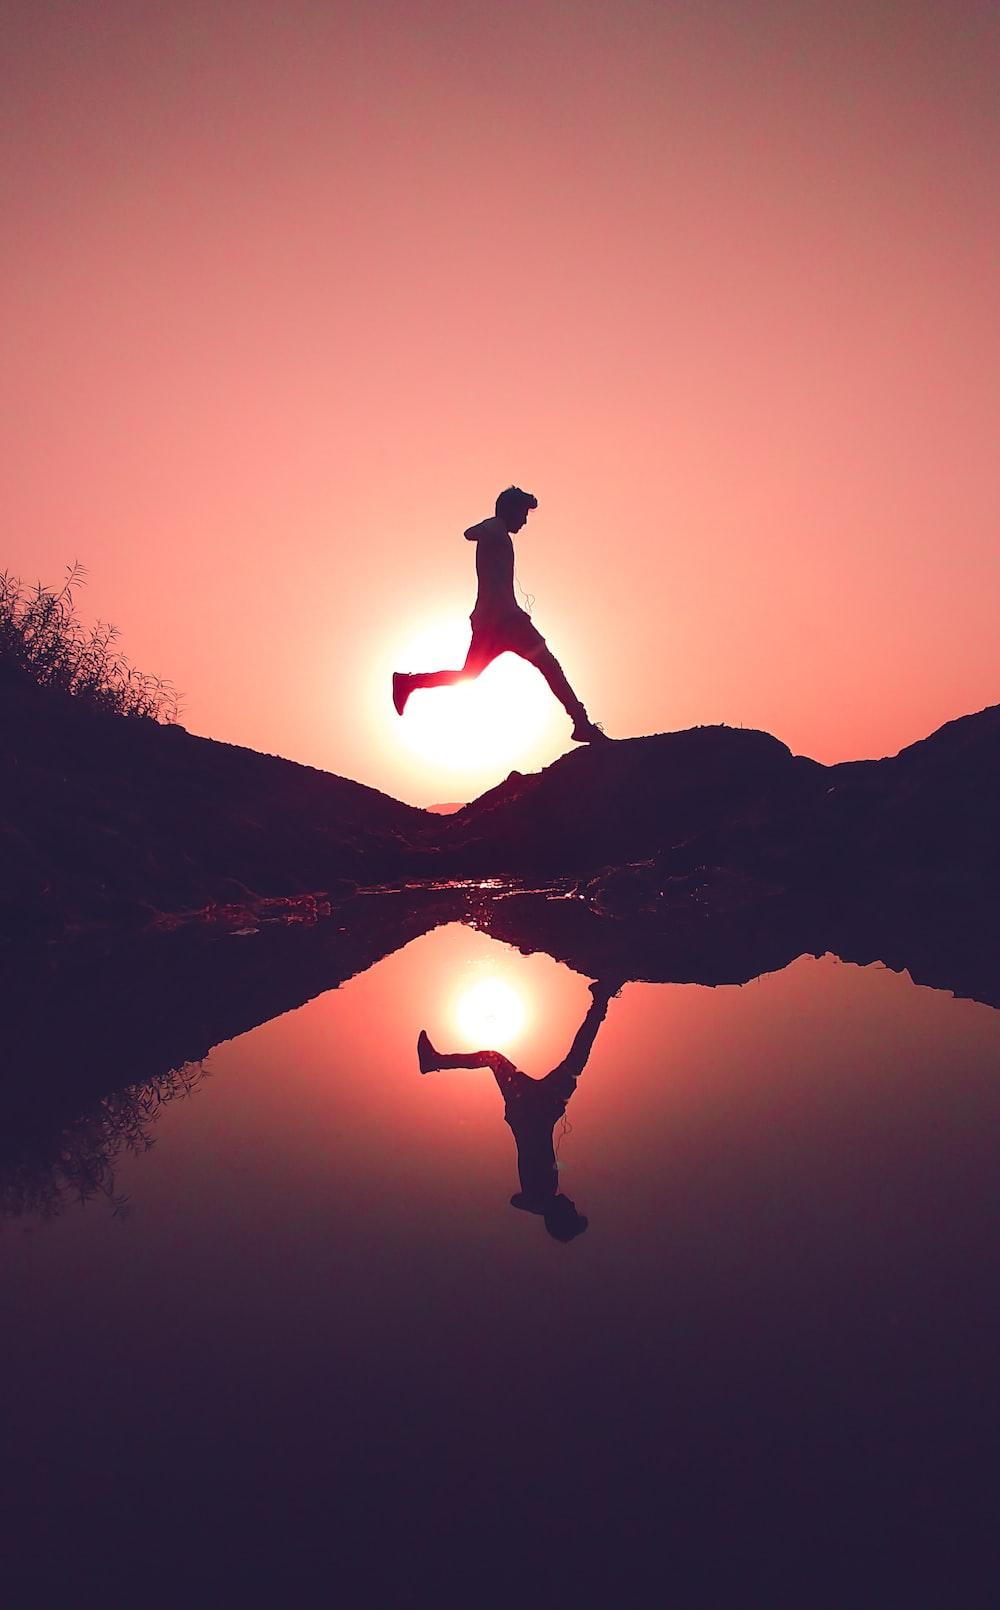 man jumping on rock beside lake